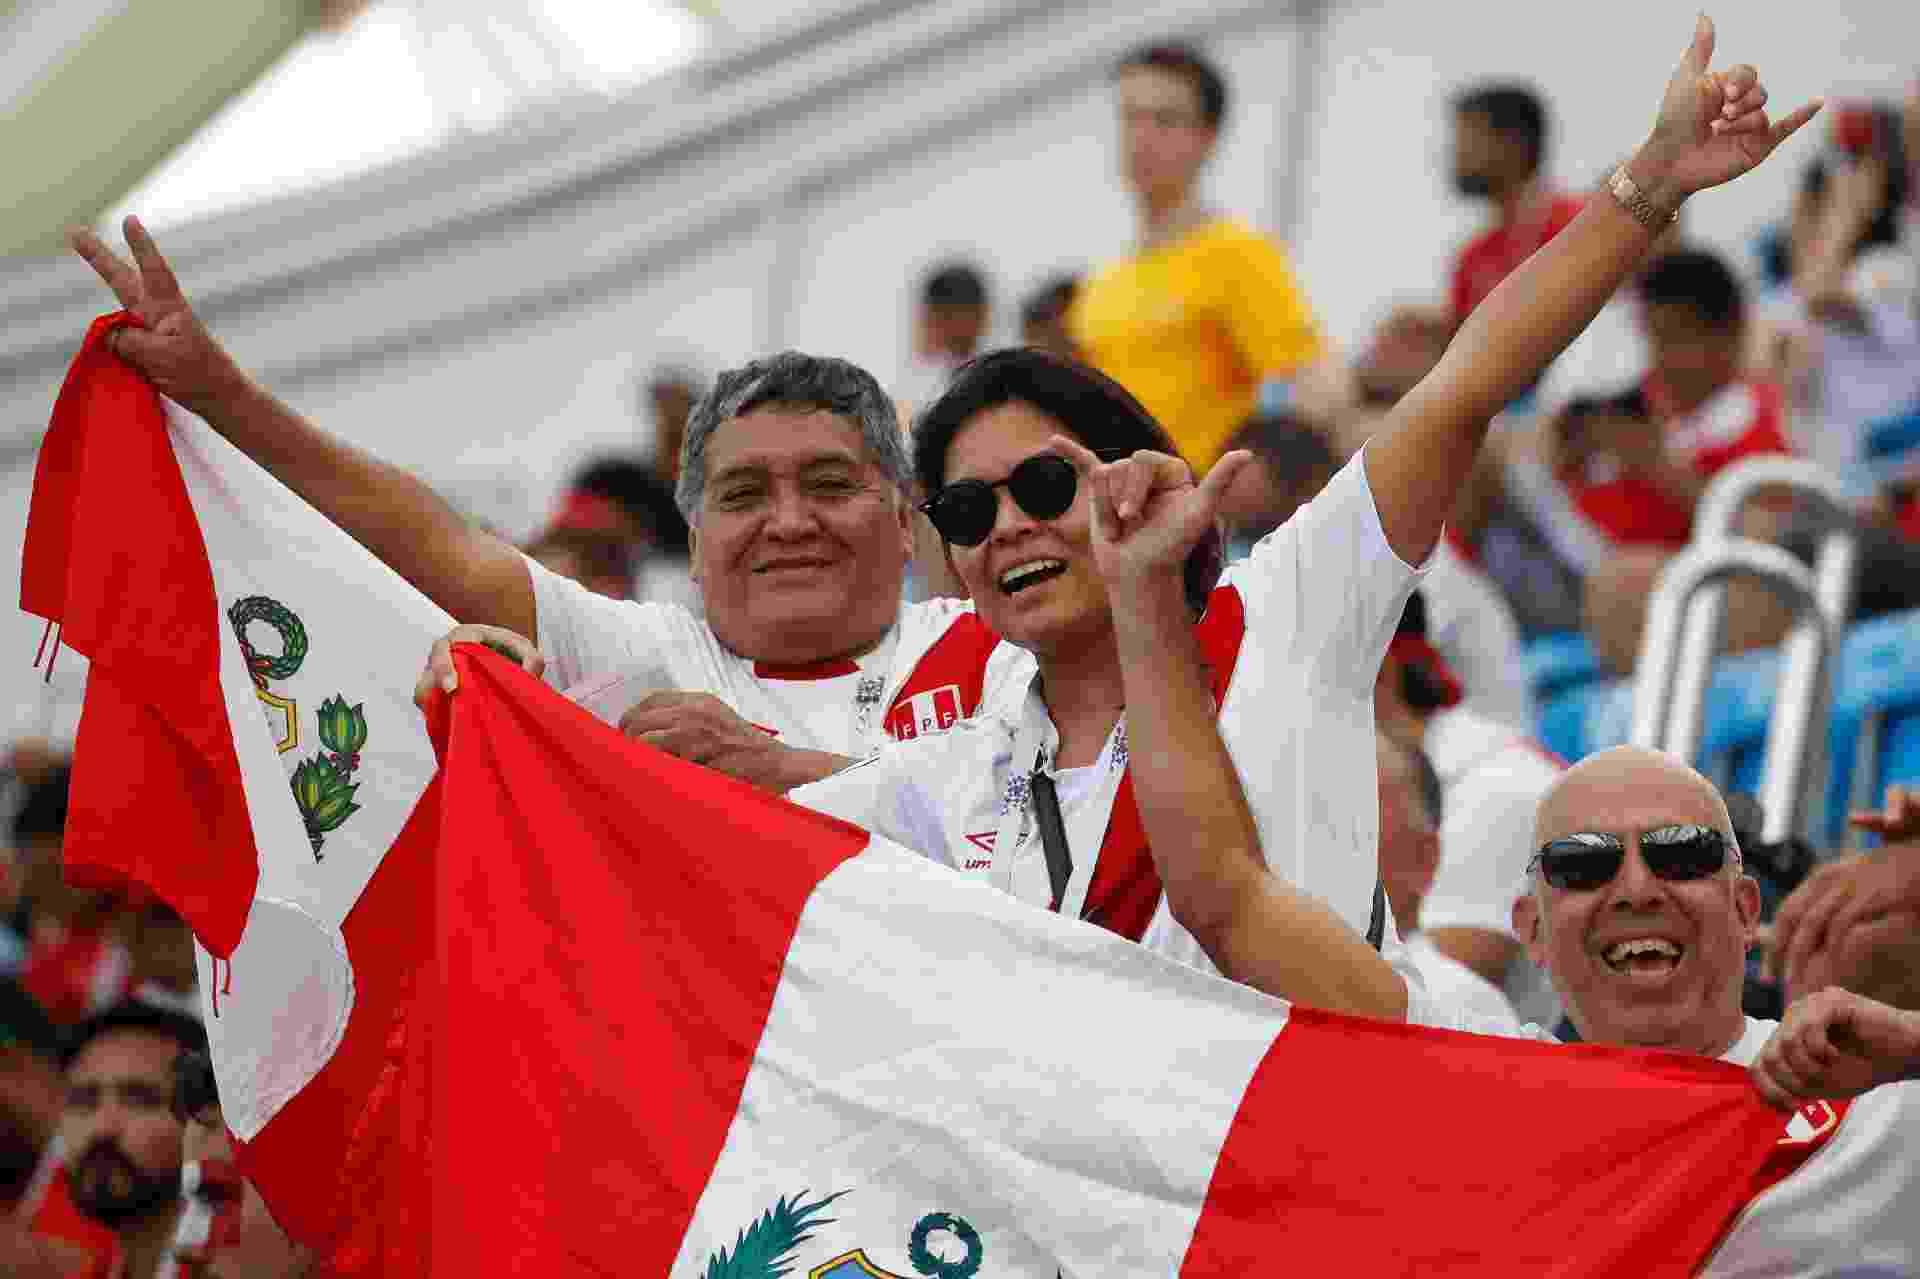 Torcedores do Peru antes do duelo contra a Austrália, em Sochi - Odd Andersen/AFP